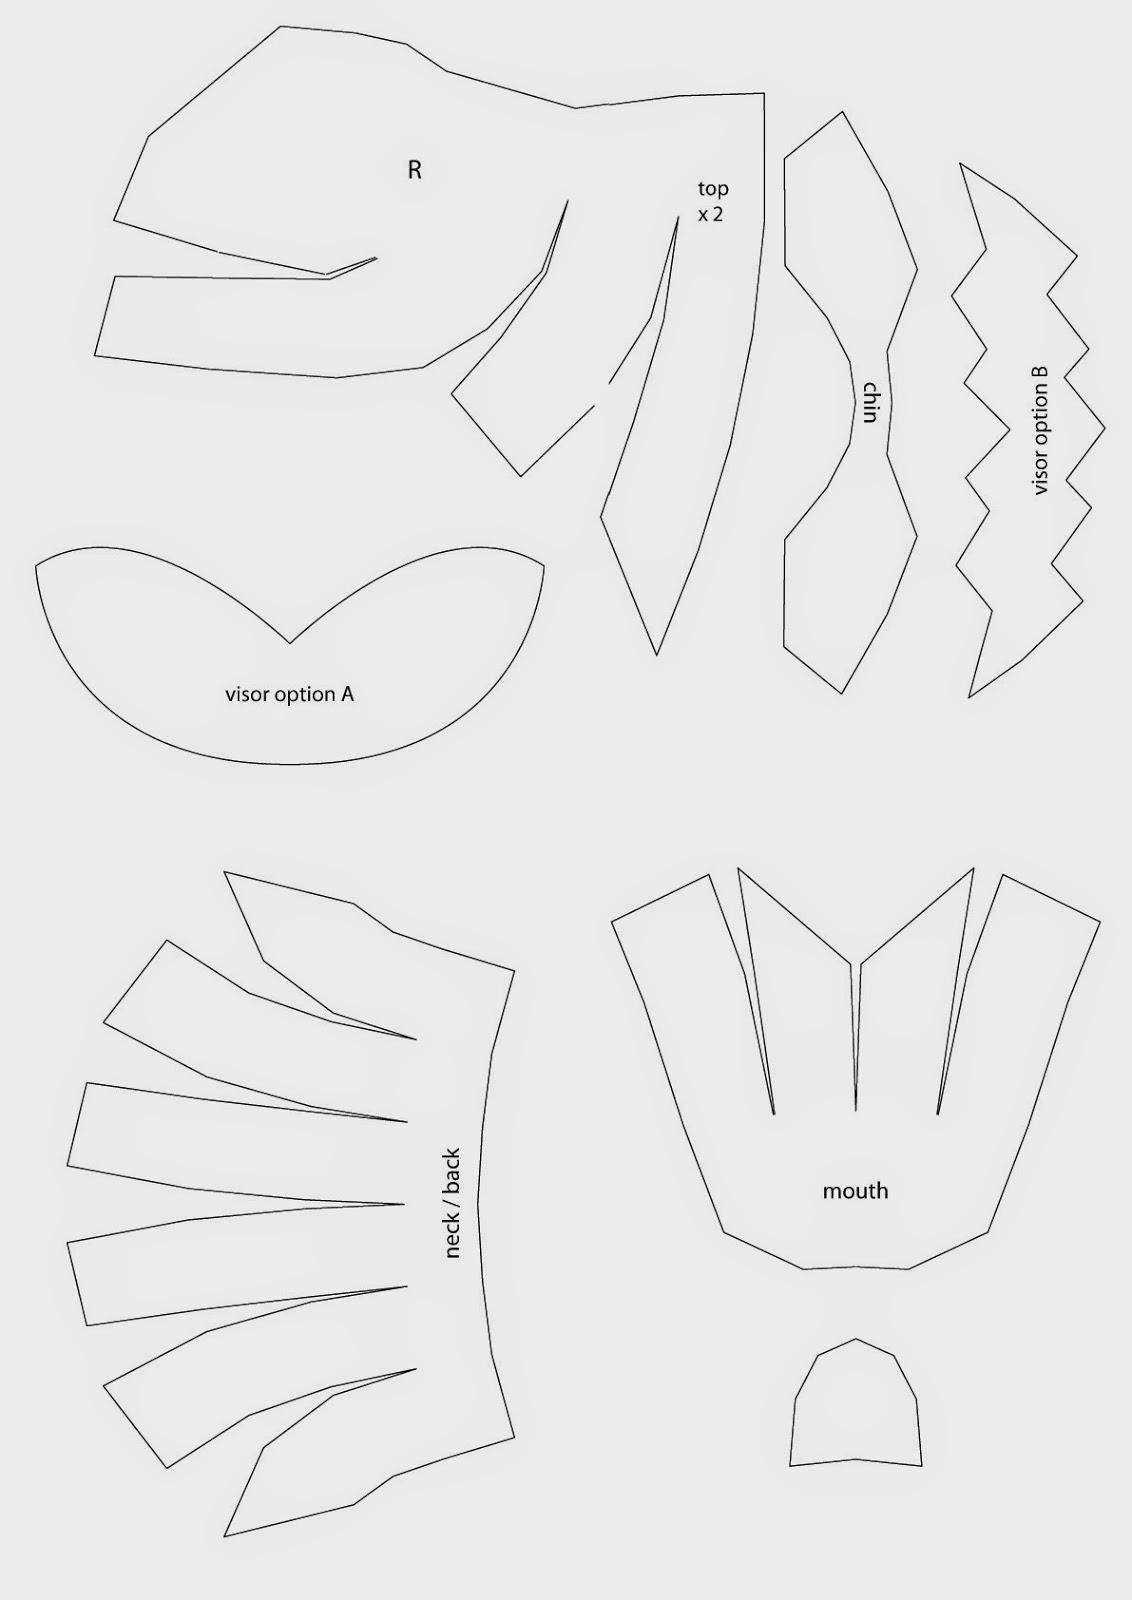 Power Ranger Helmet Template